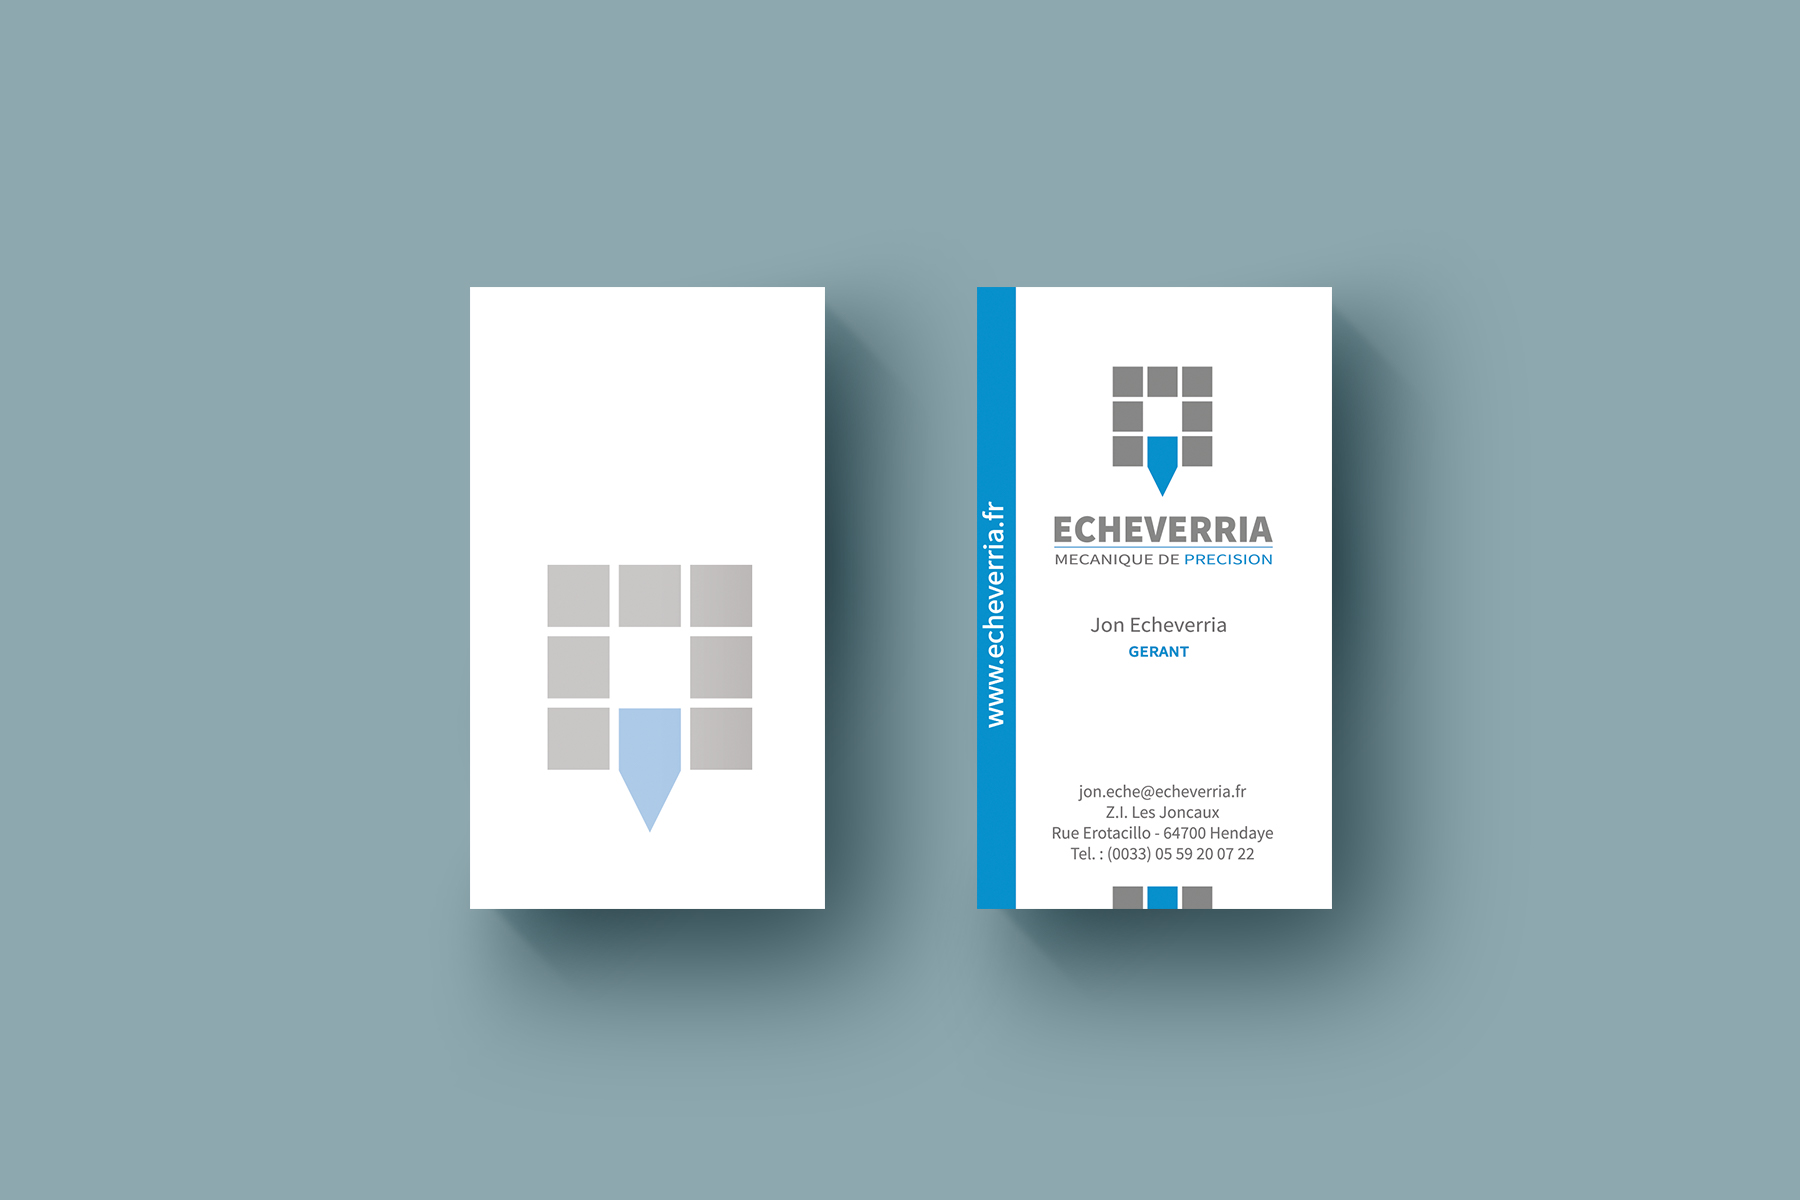 ECHEVERRIA-DESIGN-MARQUE